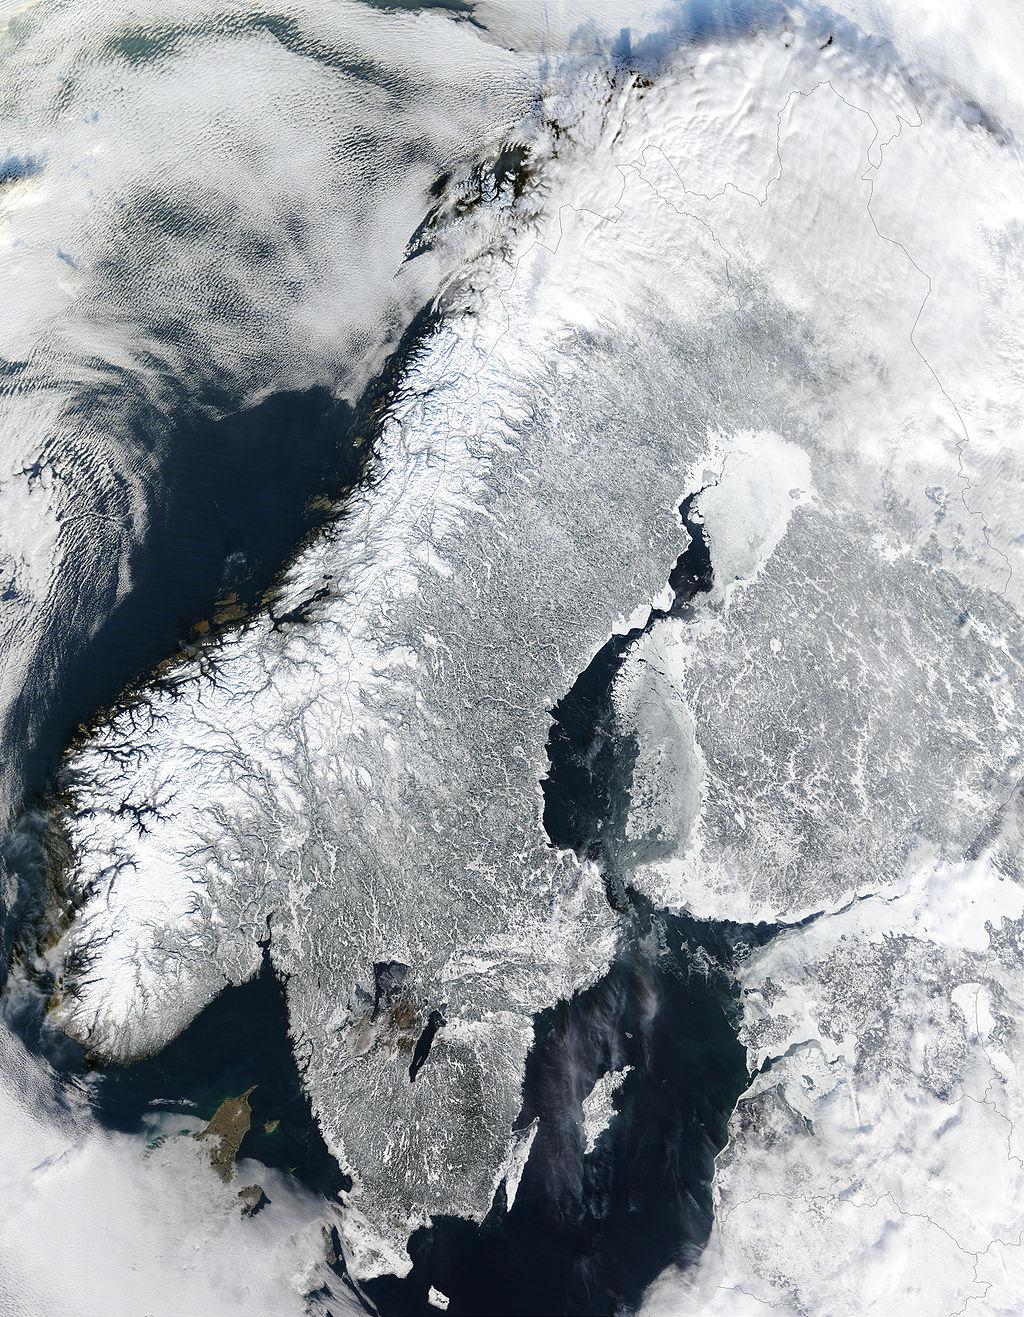 Escandinavia en invierno vista desde el espacio, imagen tomada por el satélite Terra de la NASA